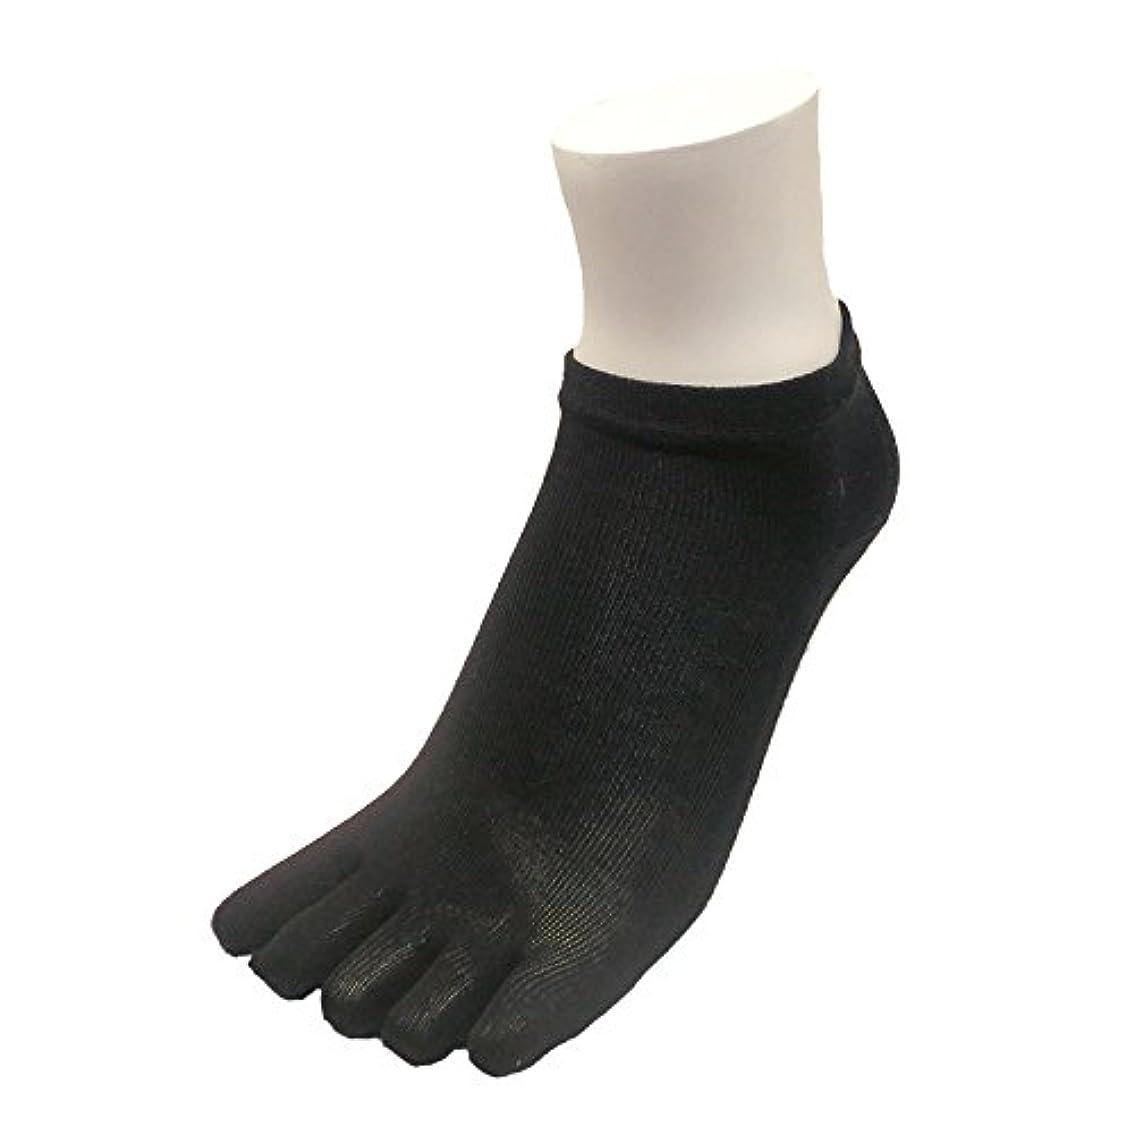 株式会社フレットくびれたシルク 五本指 ソックス 23-25cm 日本製 (ブラック3足セット)絹 靴下